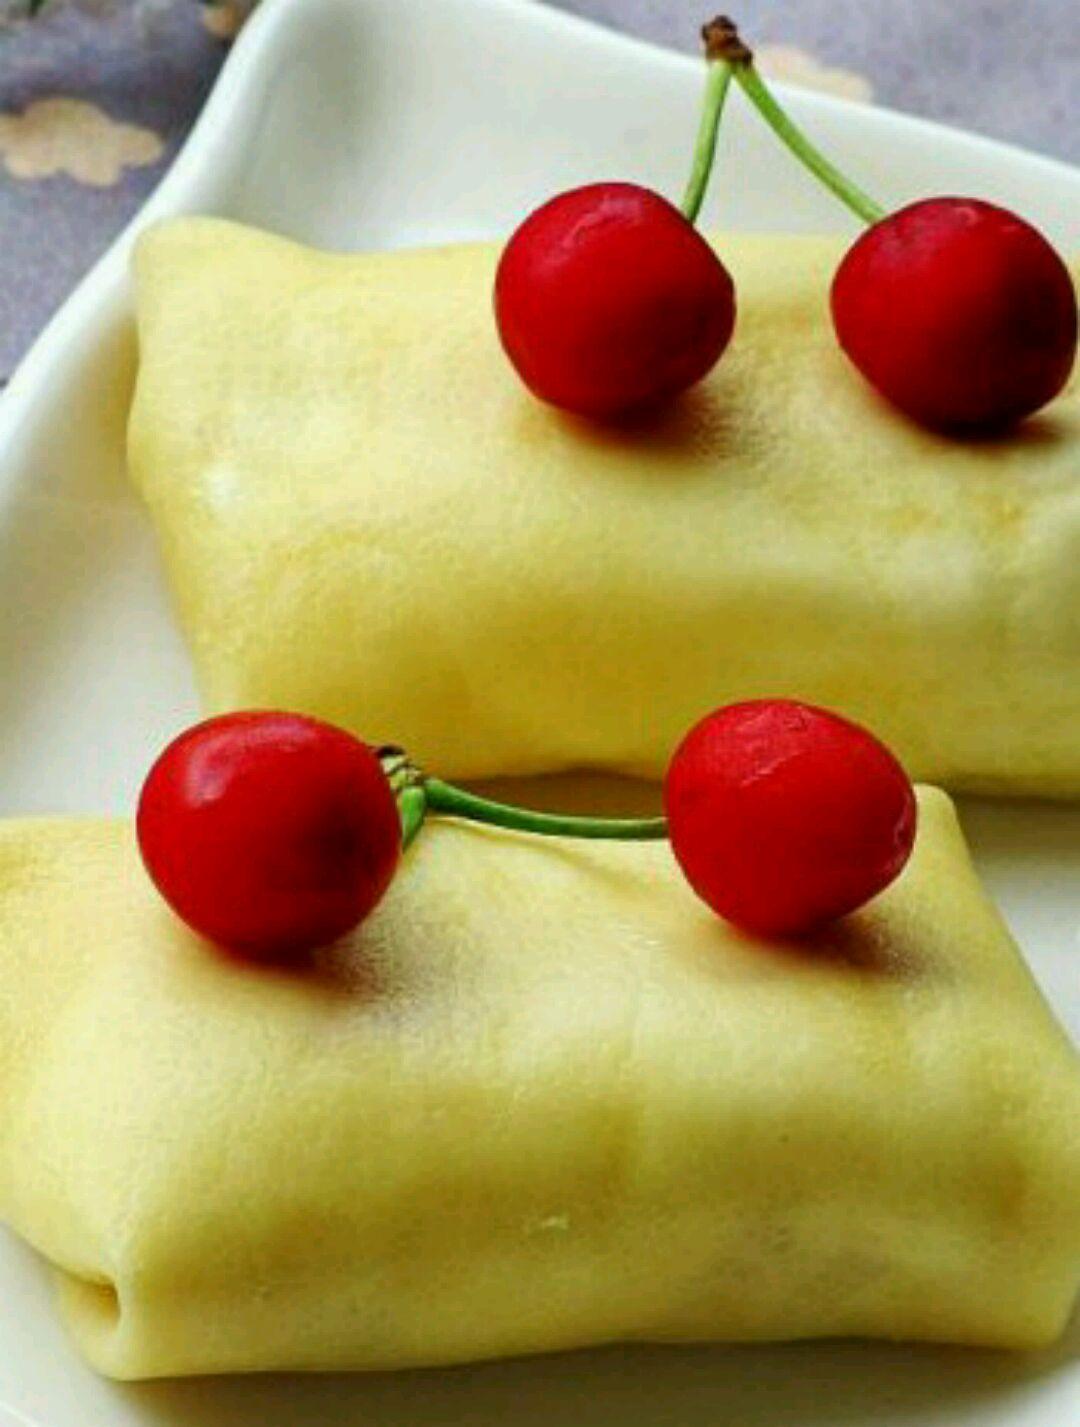 融化黄油10g 淡奶油200g 芒果2个 芒果班戟--港式甜品的做法步骤 15.